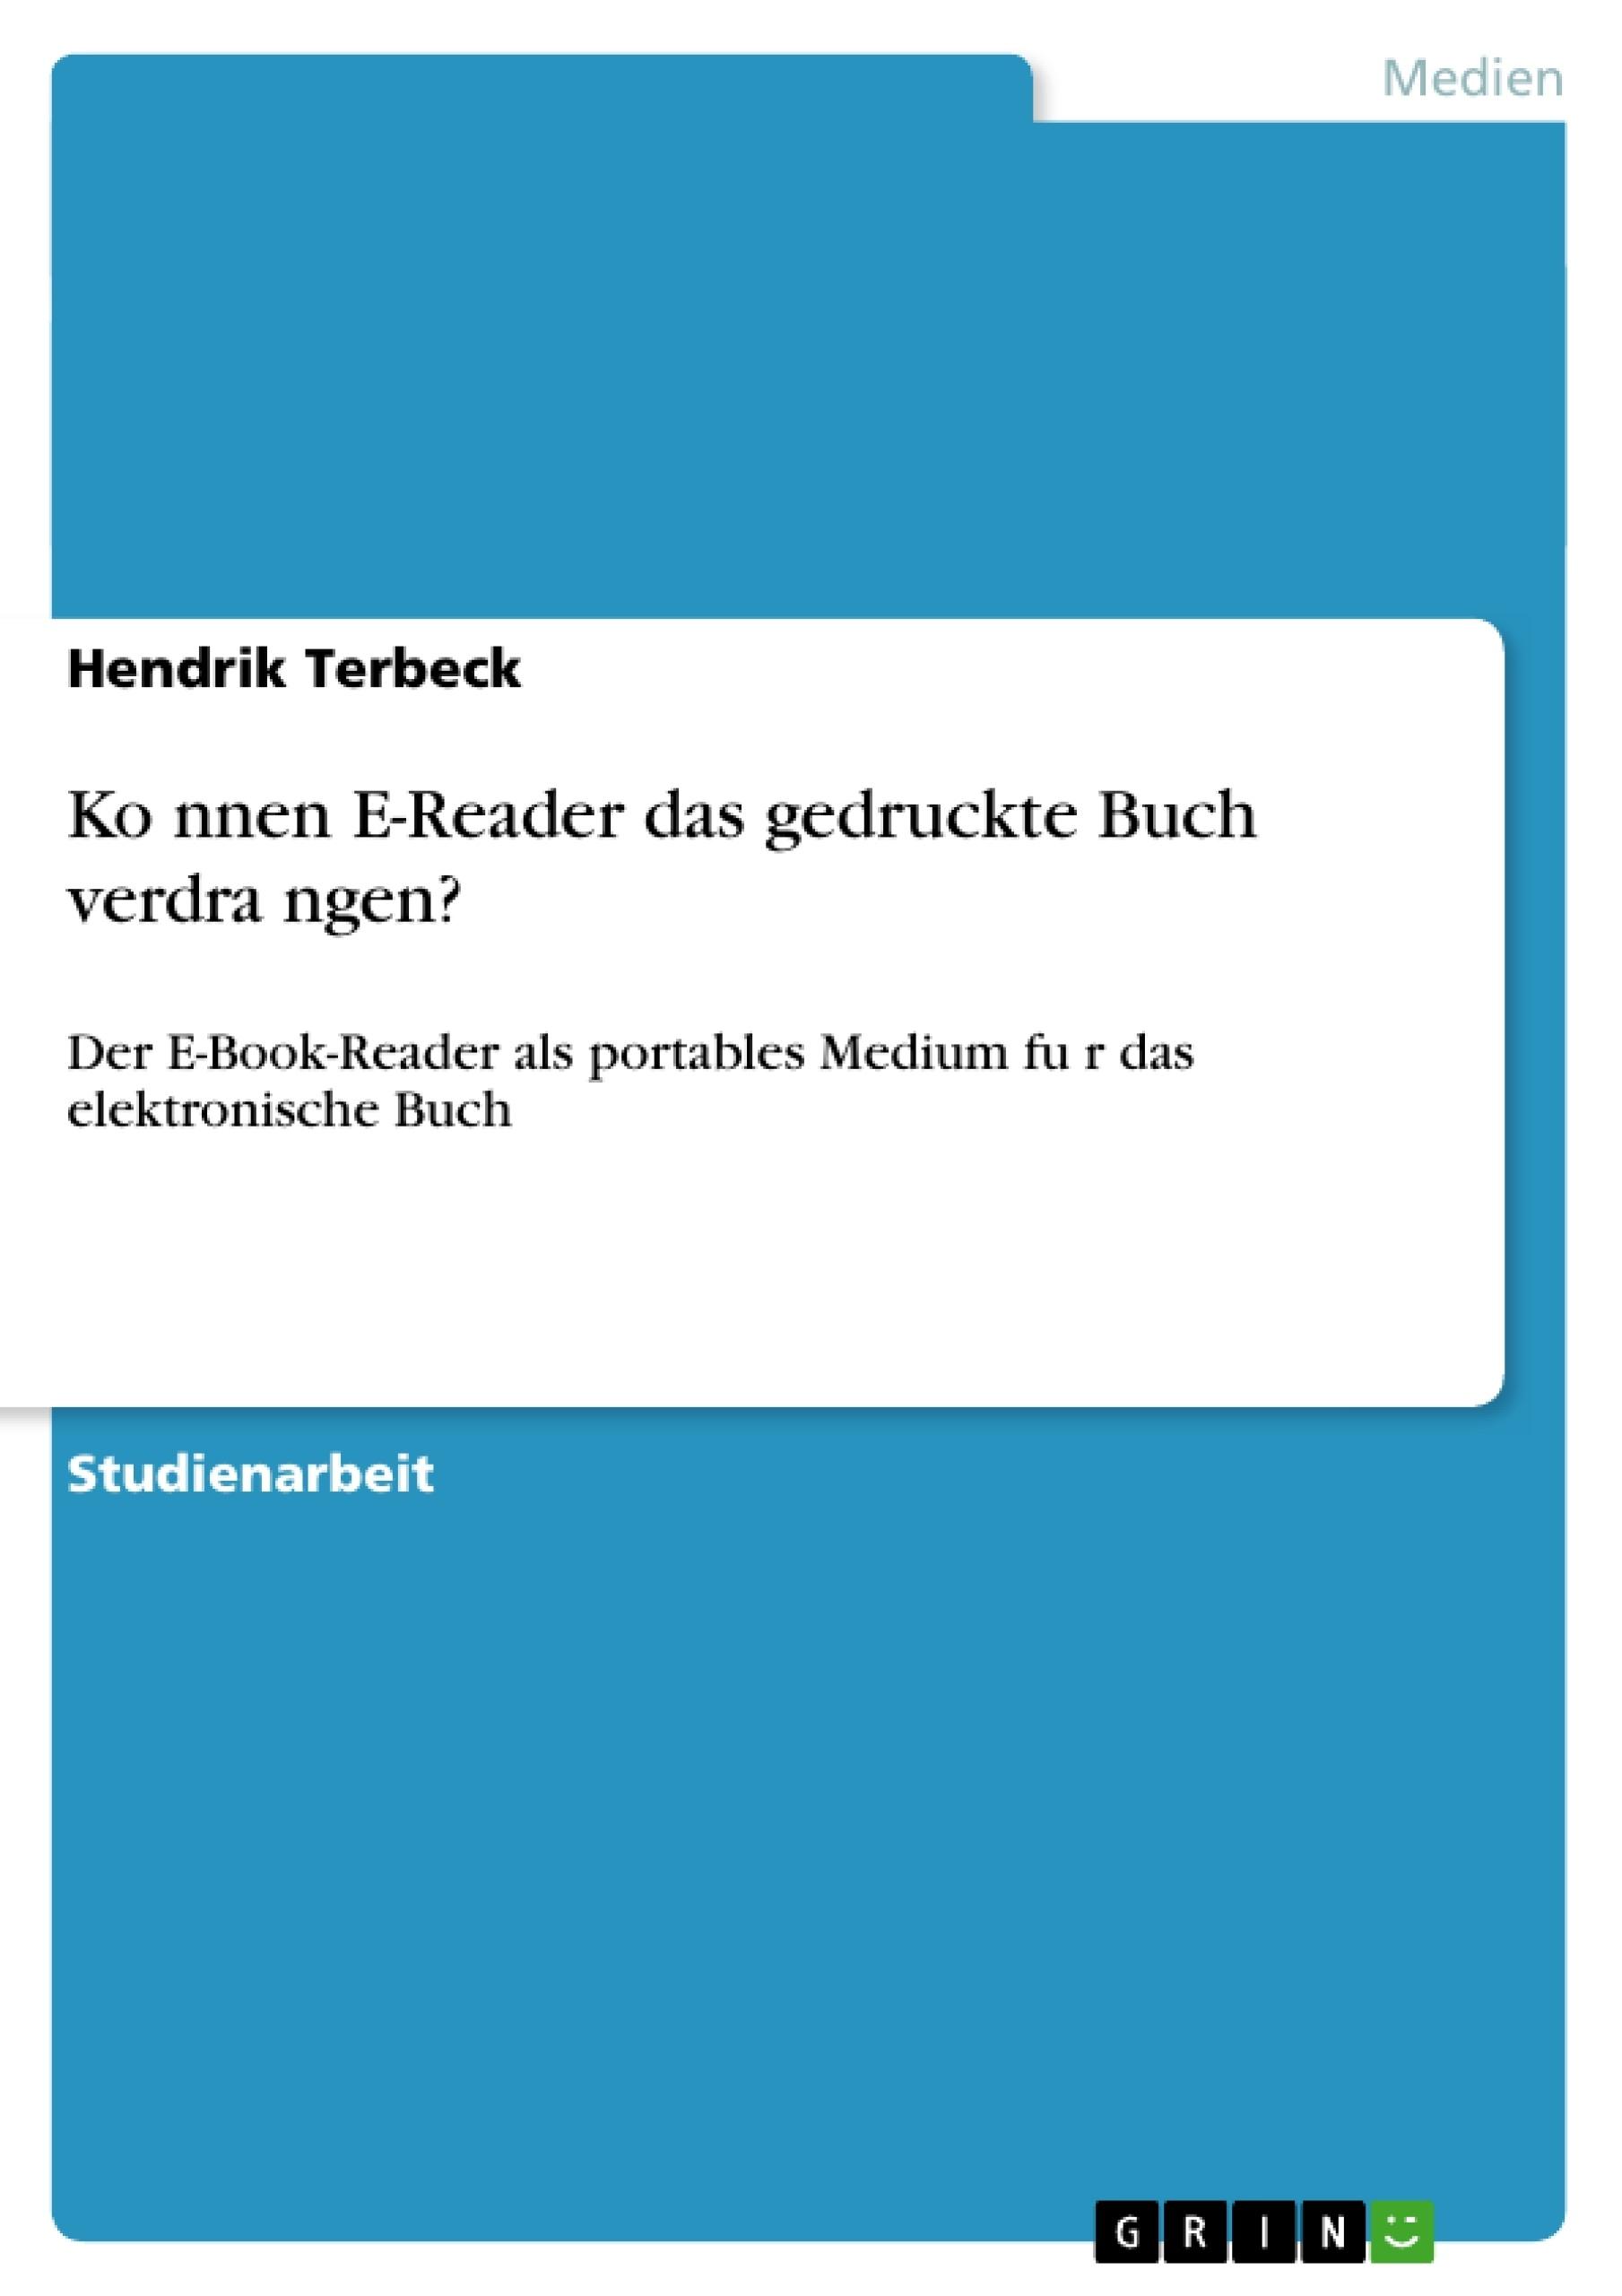 Titel: Können E-Reader das gedruckte Buch verdrängen?